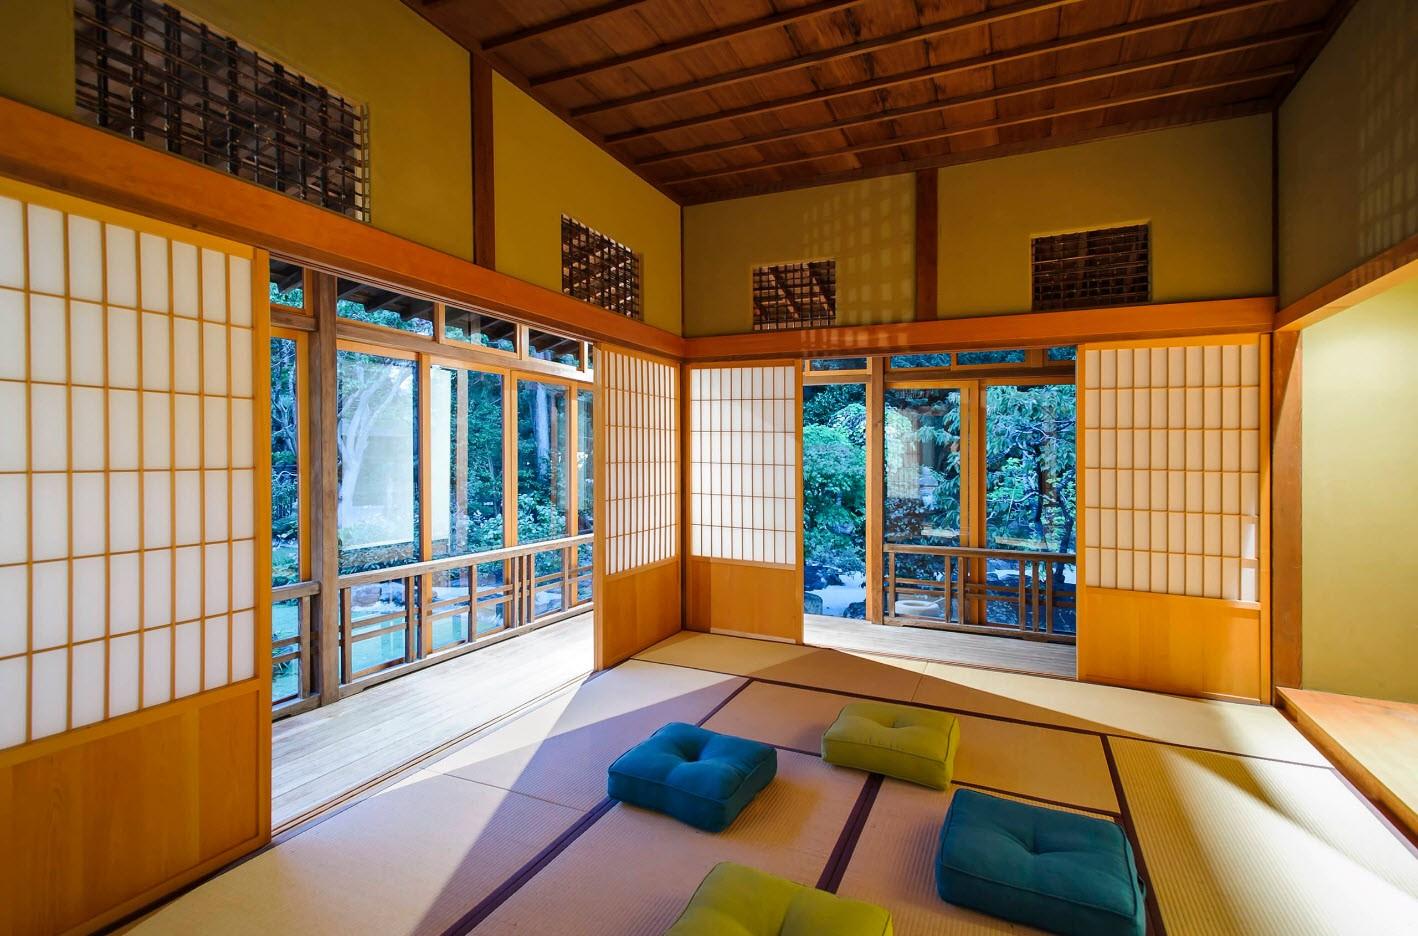 квартира в японском стиле идеи фото